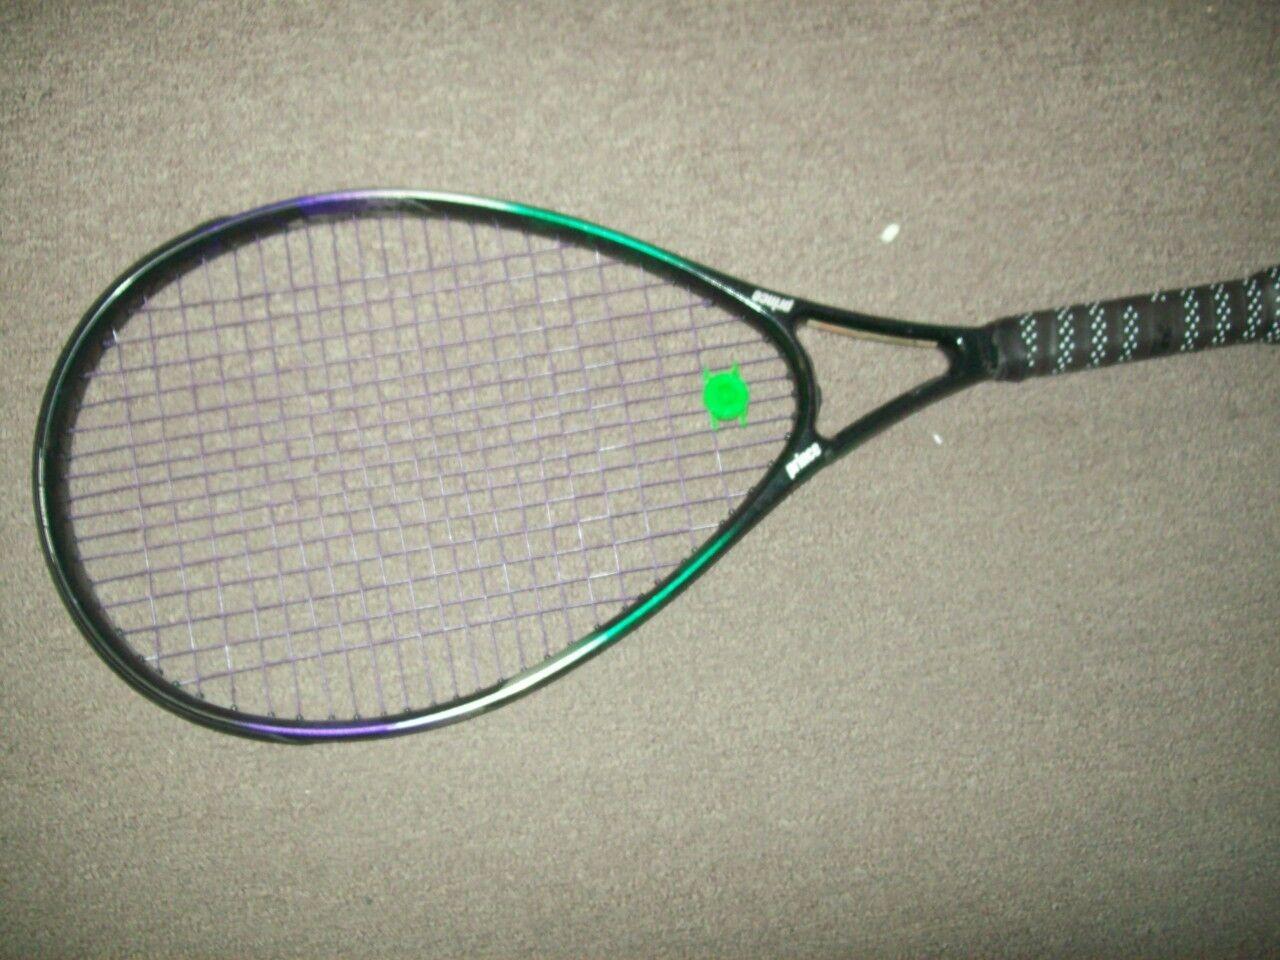 Prince Synergy Extensor De Gran Tamaño 1 8 Raqueta De Tenis